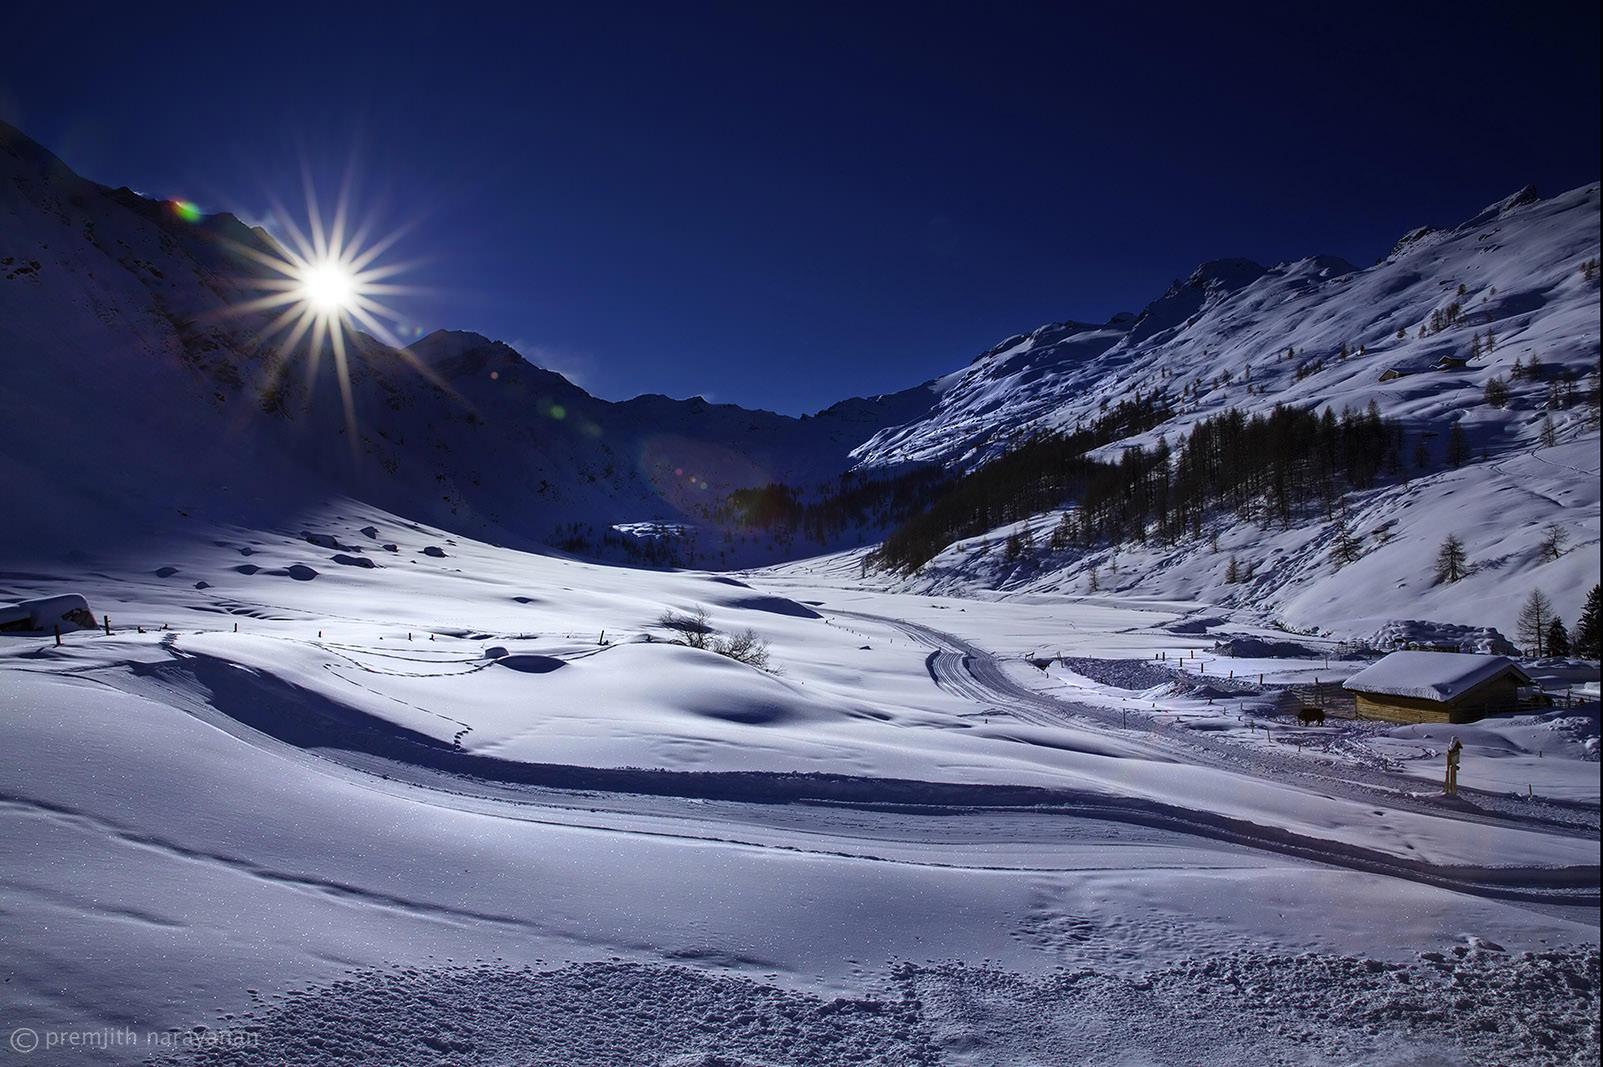 View of Alps-3 - Premjith Narayanan